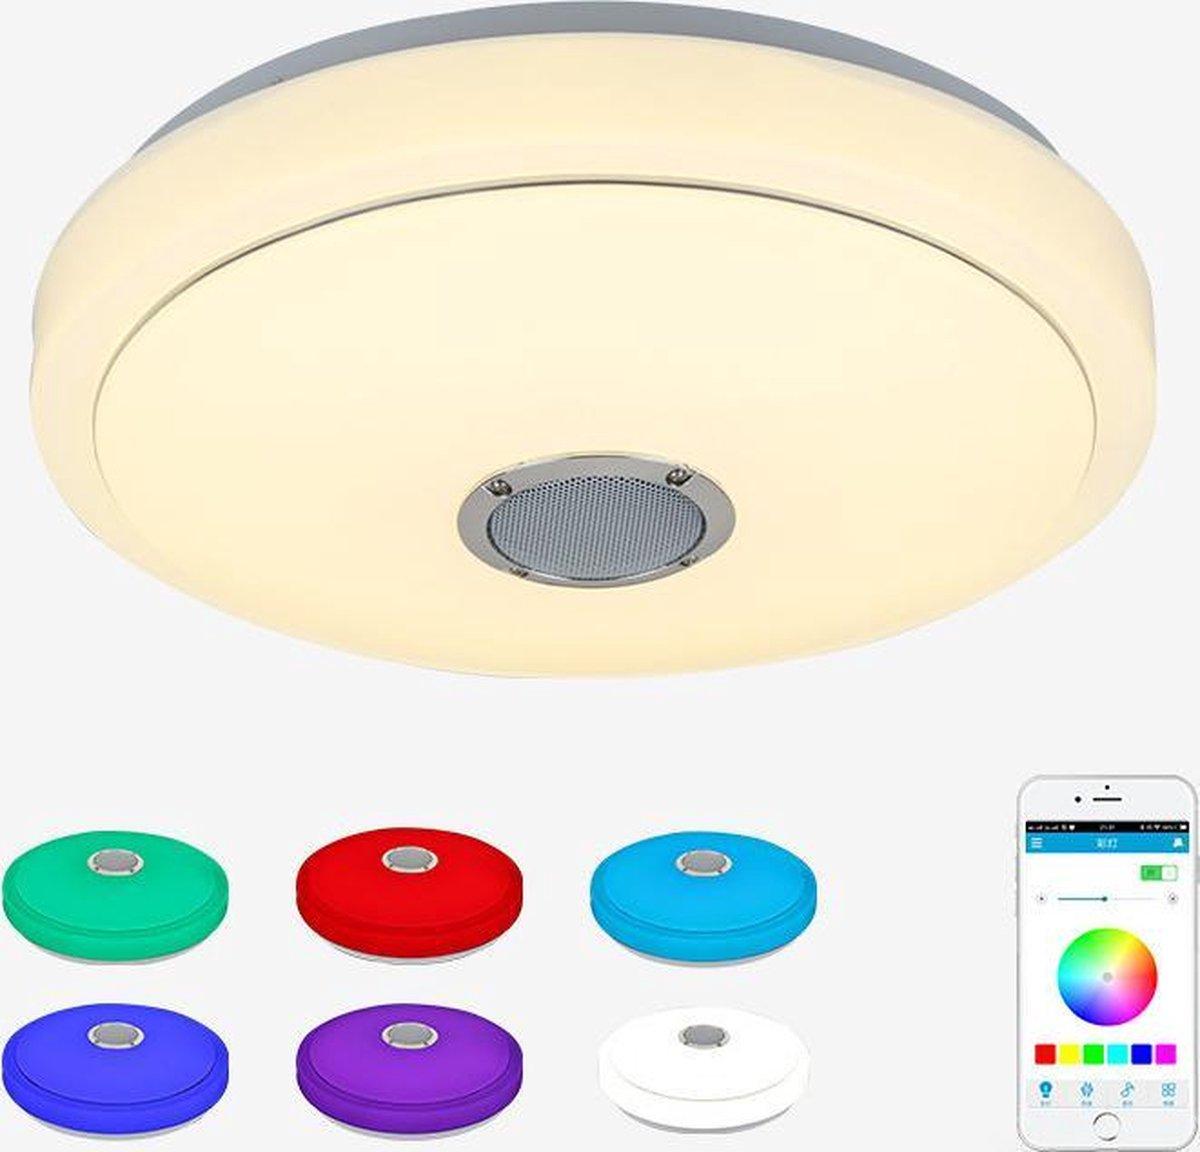 Luxlyght Plafondlamp - Plafoniere - Led Verlichting - Smart Lamp - Nachtlamp - Bluetooth Speaker - RGB 10 Kleuren Licht - Slaapkamer - Incl. Afstandsbediening & App